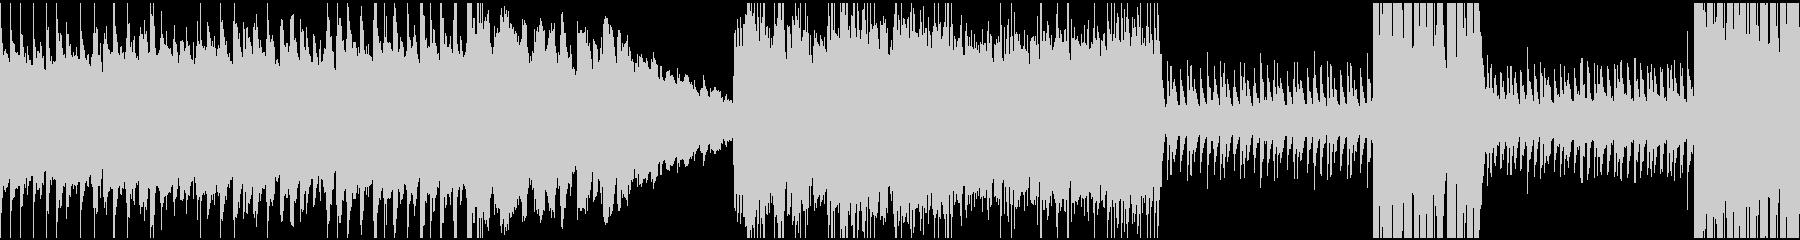 速い変拍子の曲の未再生の波形